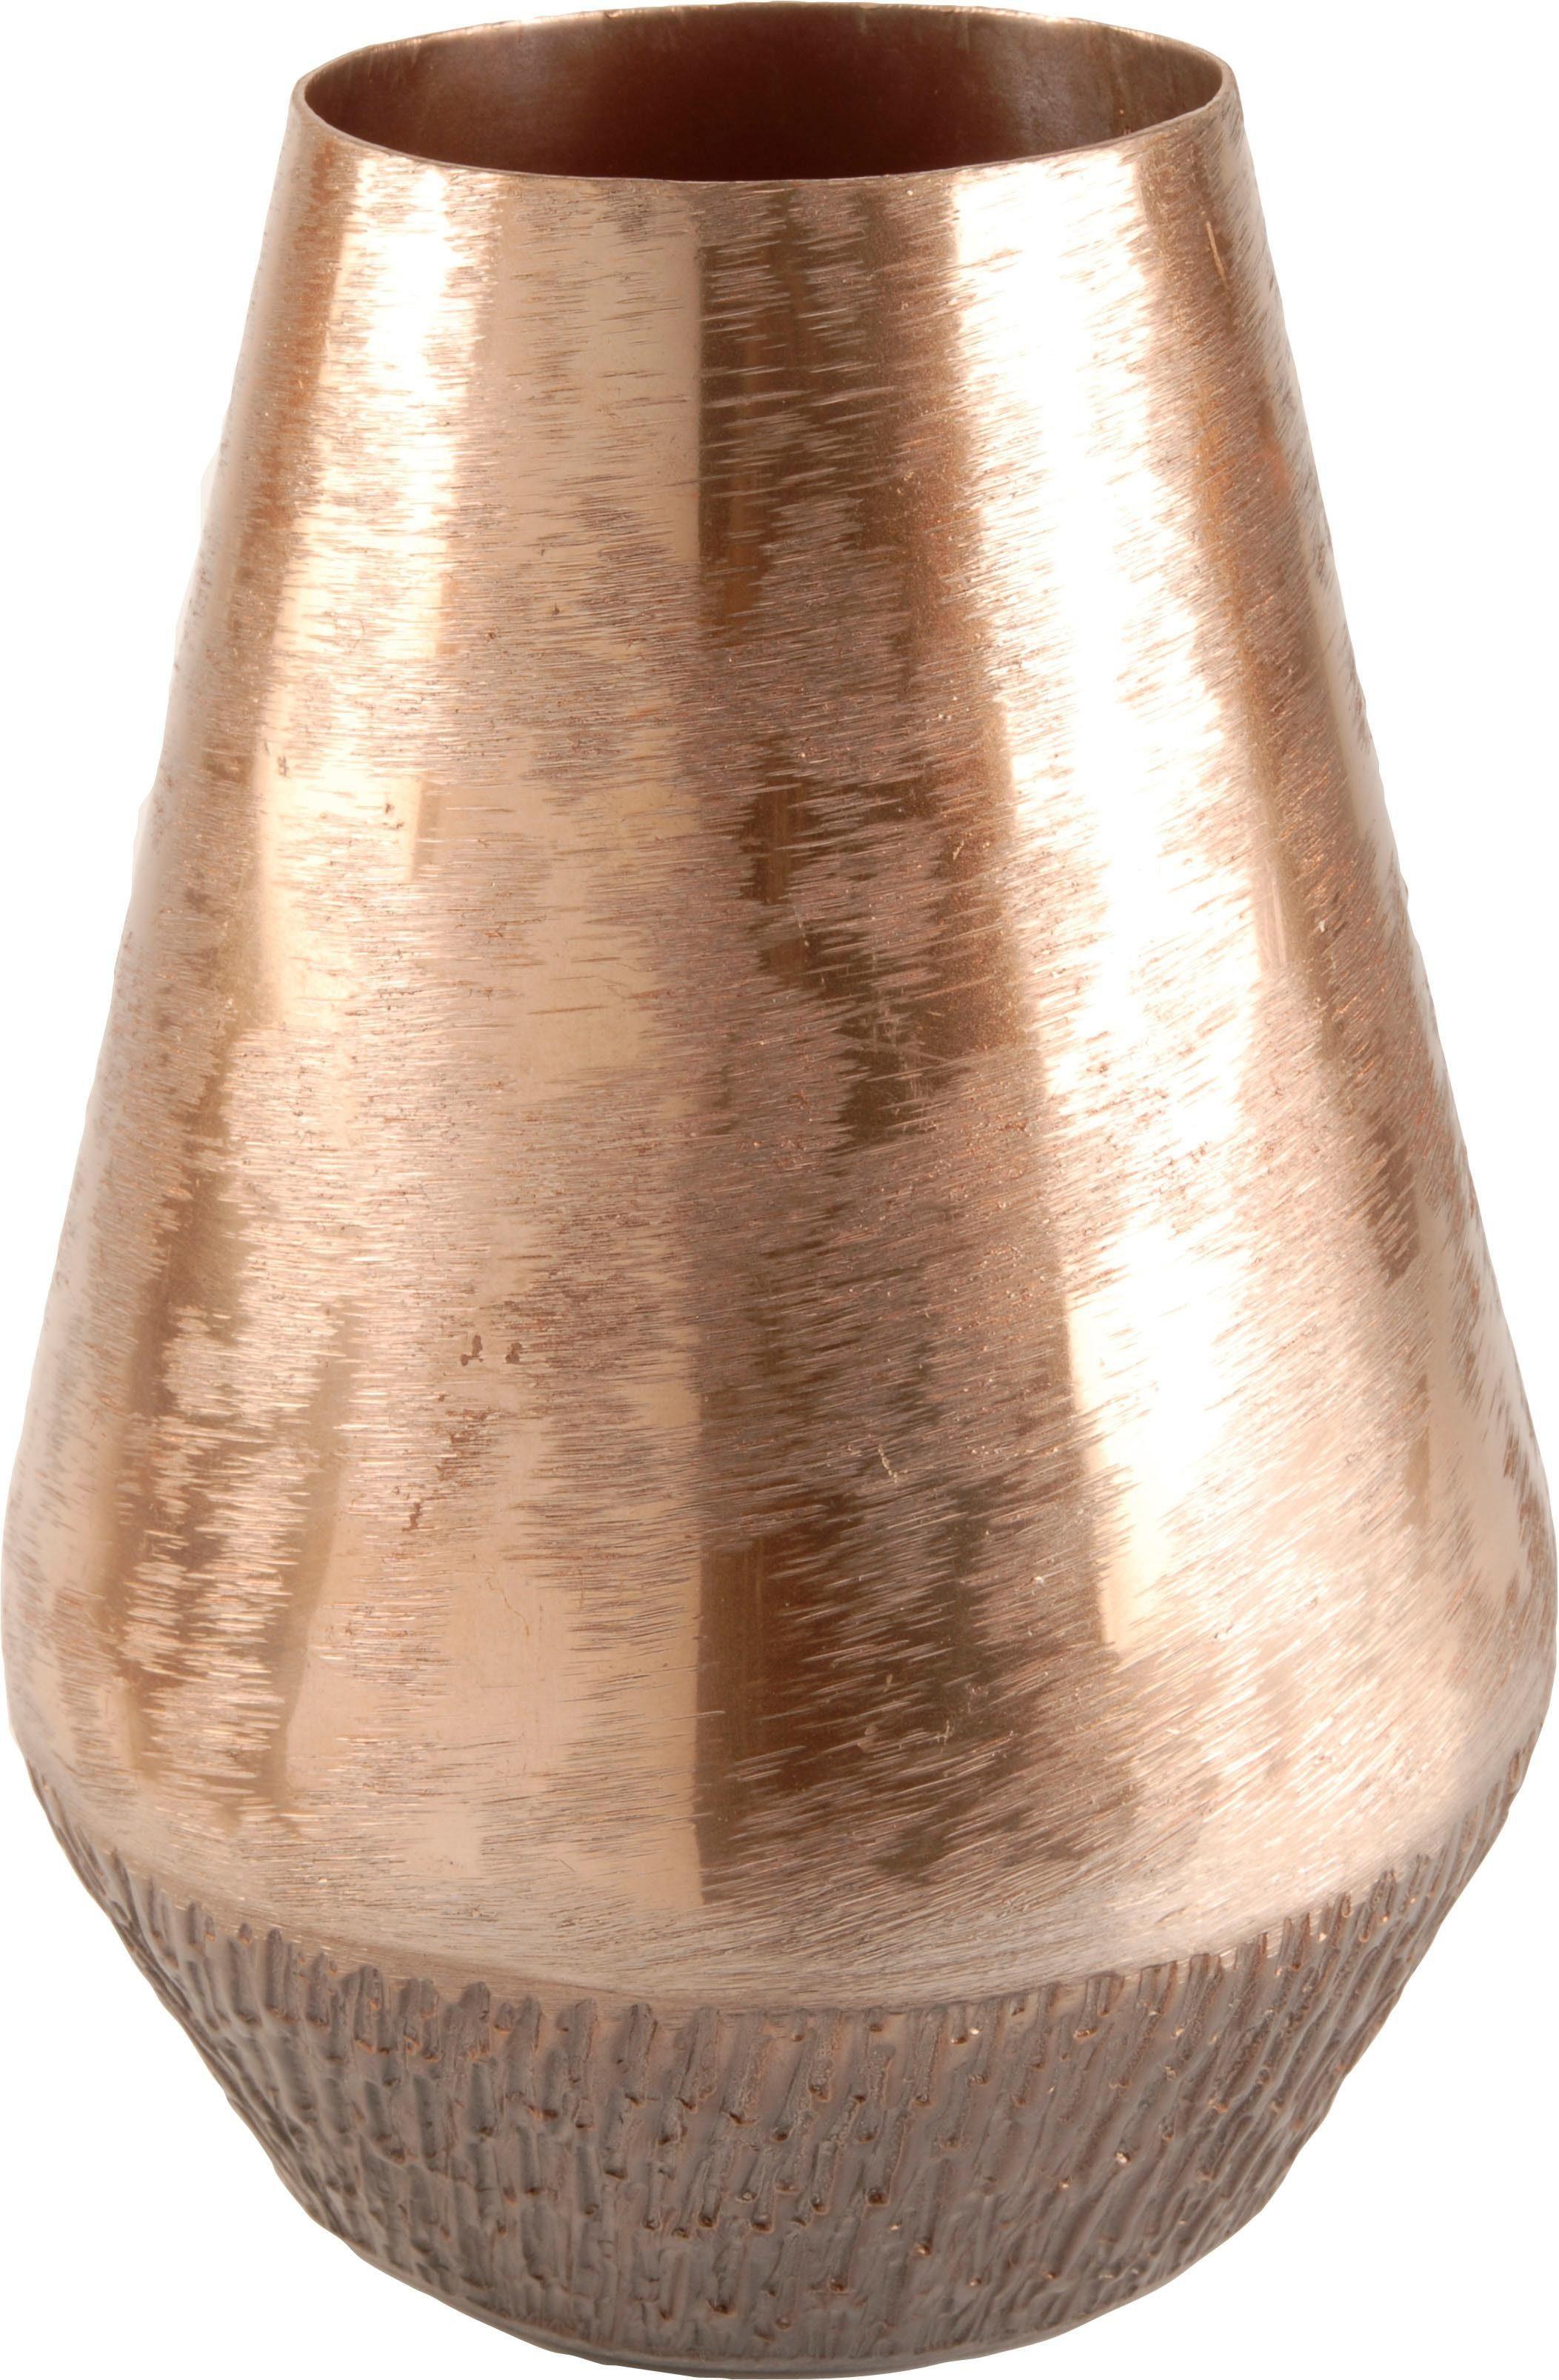 Home affaire Vase aus Aluminium